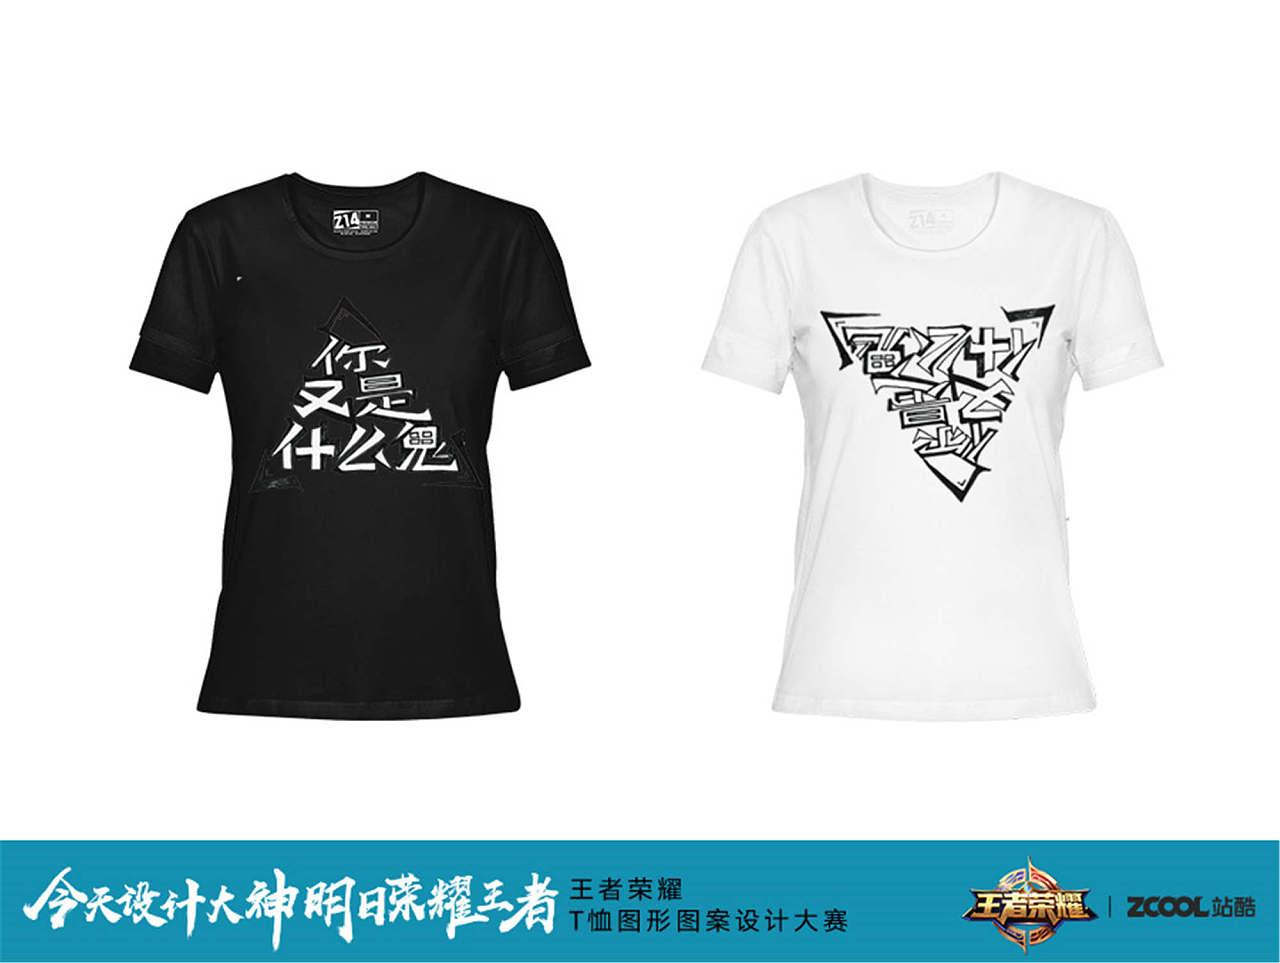 王者荣耀——纯手绘原创黑白t恤设计